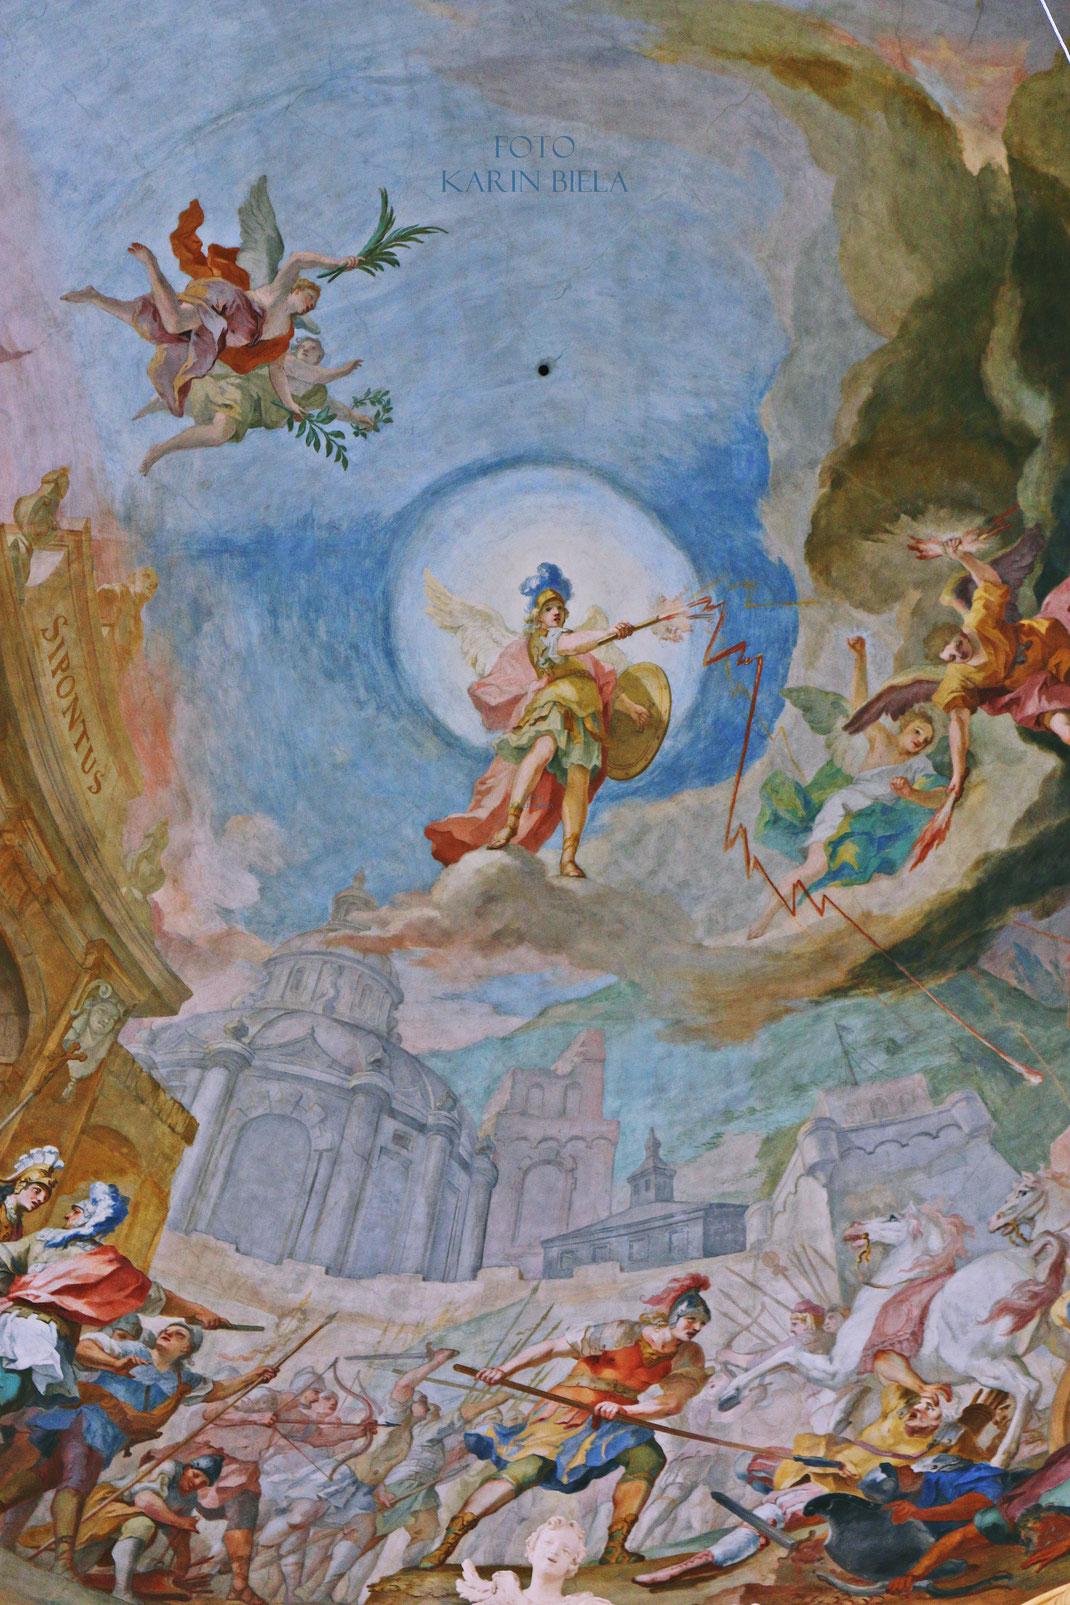 Sankt Michael in Berg am Laim ist eine der prachtvollsten und bedeutendsten Sakralbauten im heutigen Stadtgebiet von München. Detail des Deckenfreskos von Johann Baptist Zimmermann.